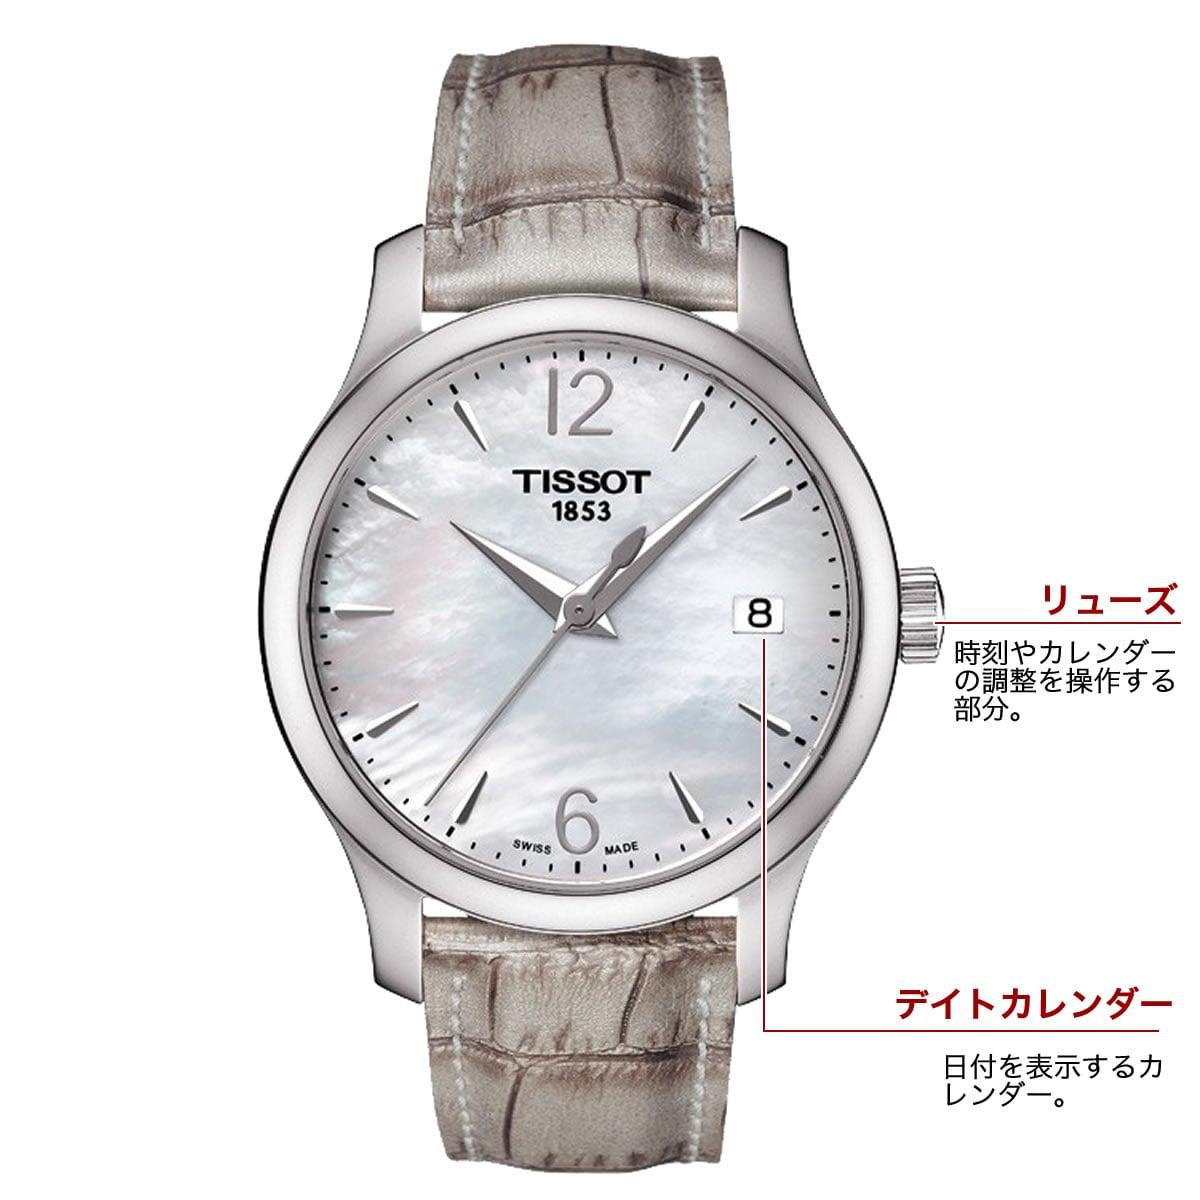 ティソ クォーツ 女性用腕時計t0632101711700